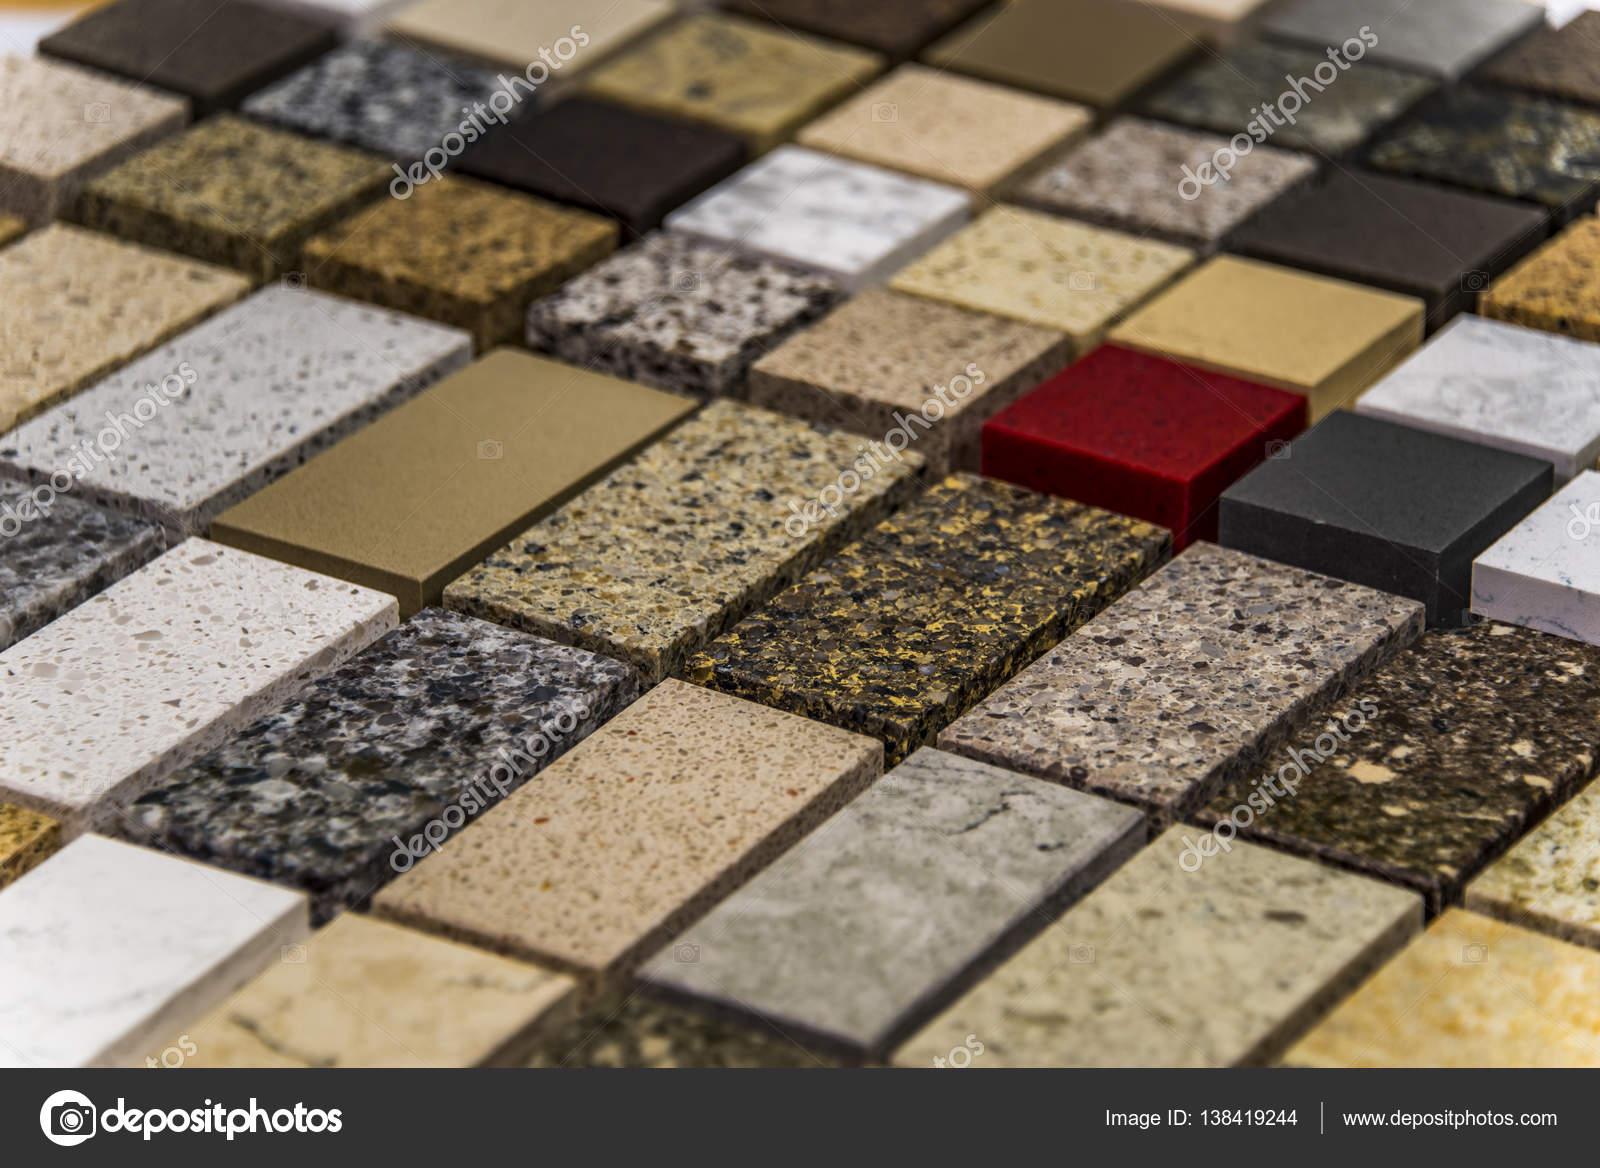 Encimeras Granito Colores El Color Del Siglo De Oro Inunda La Coleccin De Granitos Negros Con Nuevas Y Soluciones Decorativas En La Decoracin De